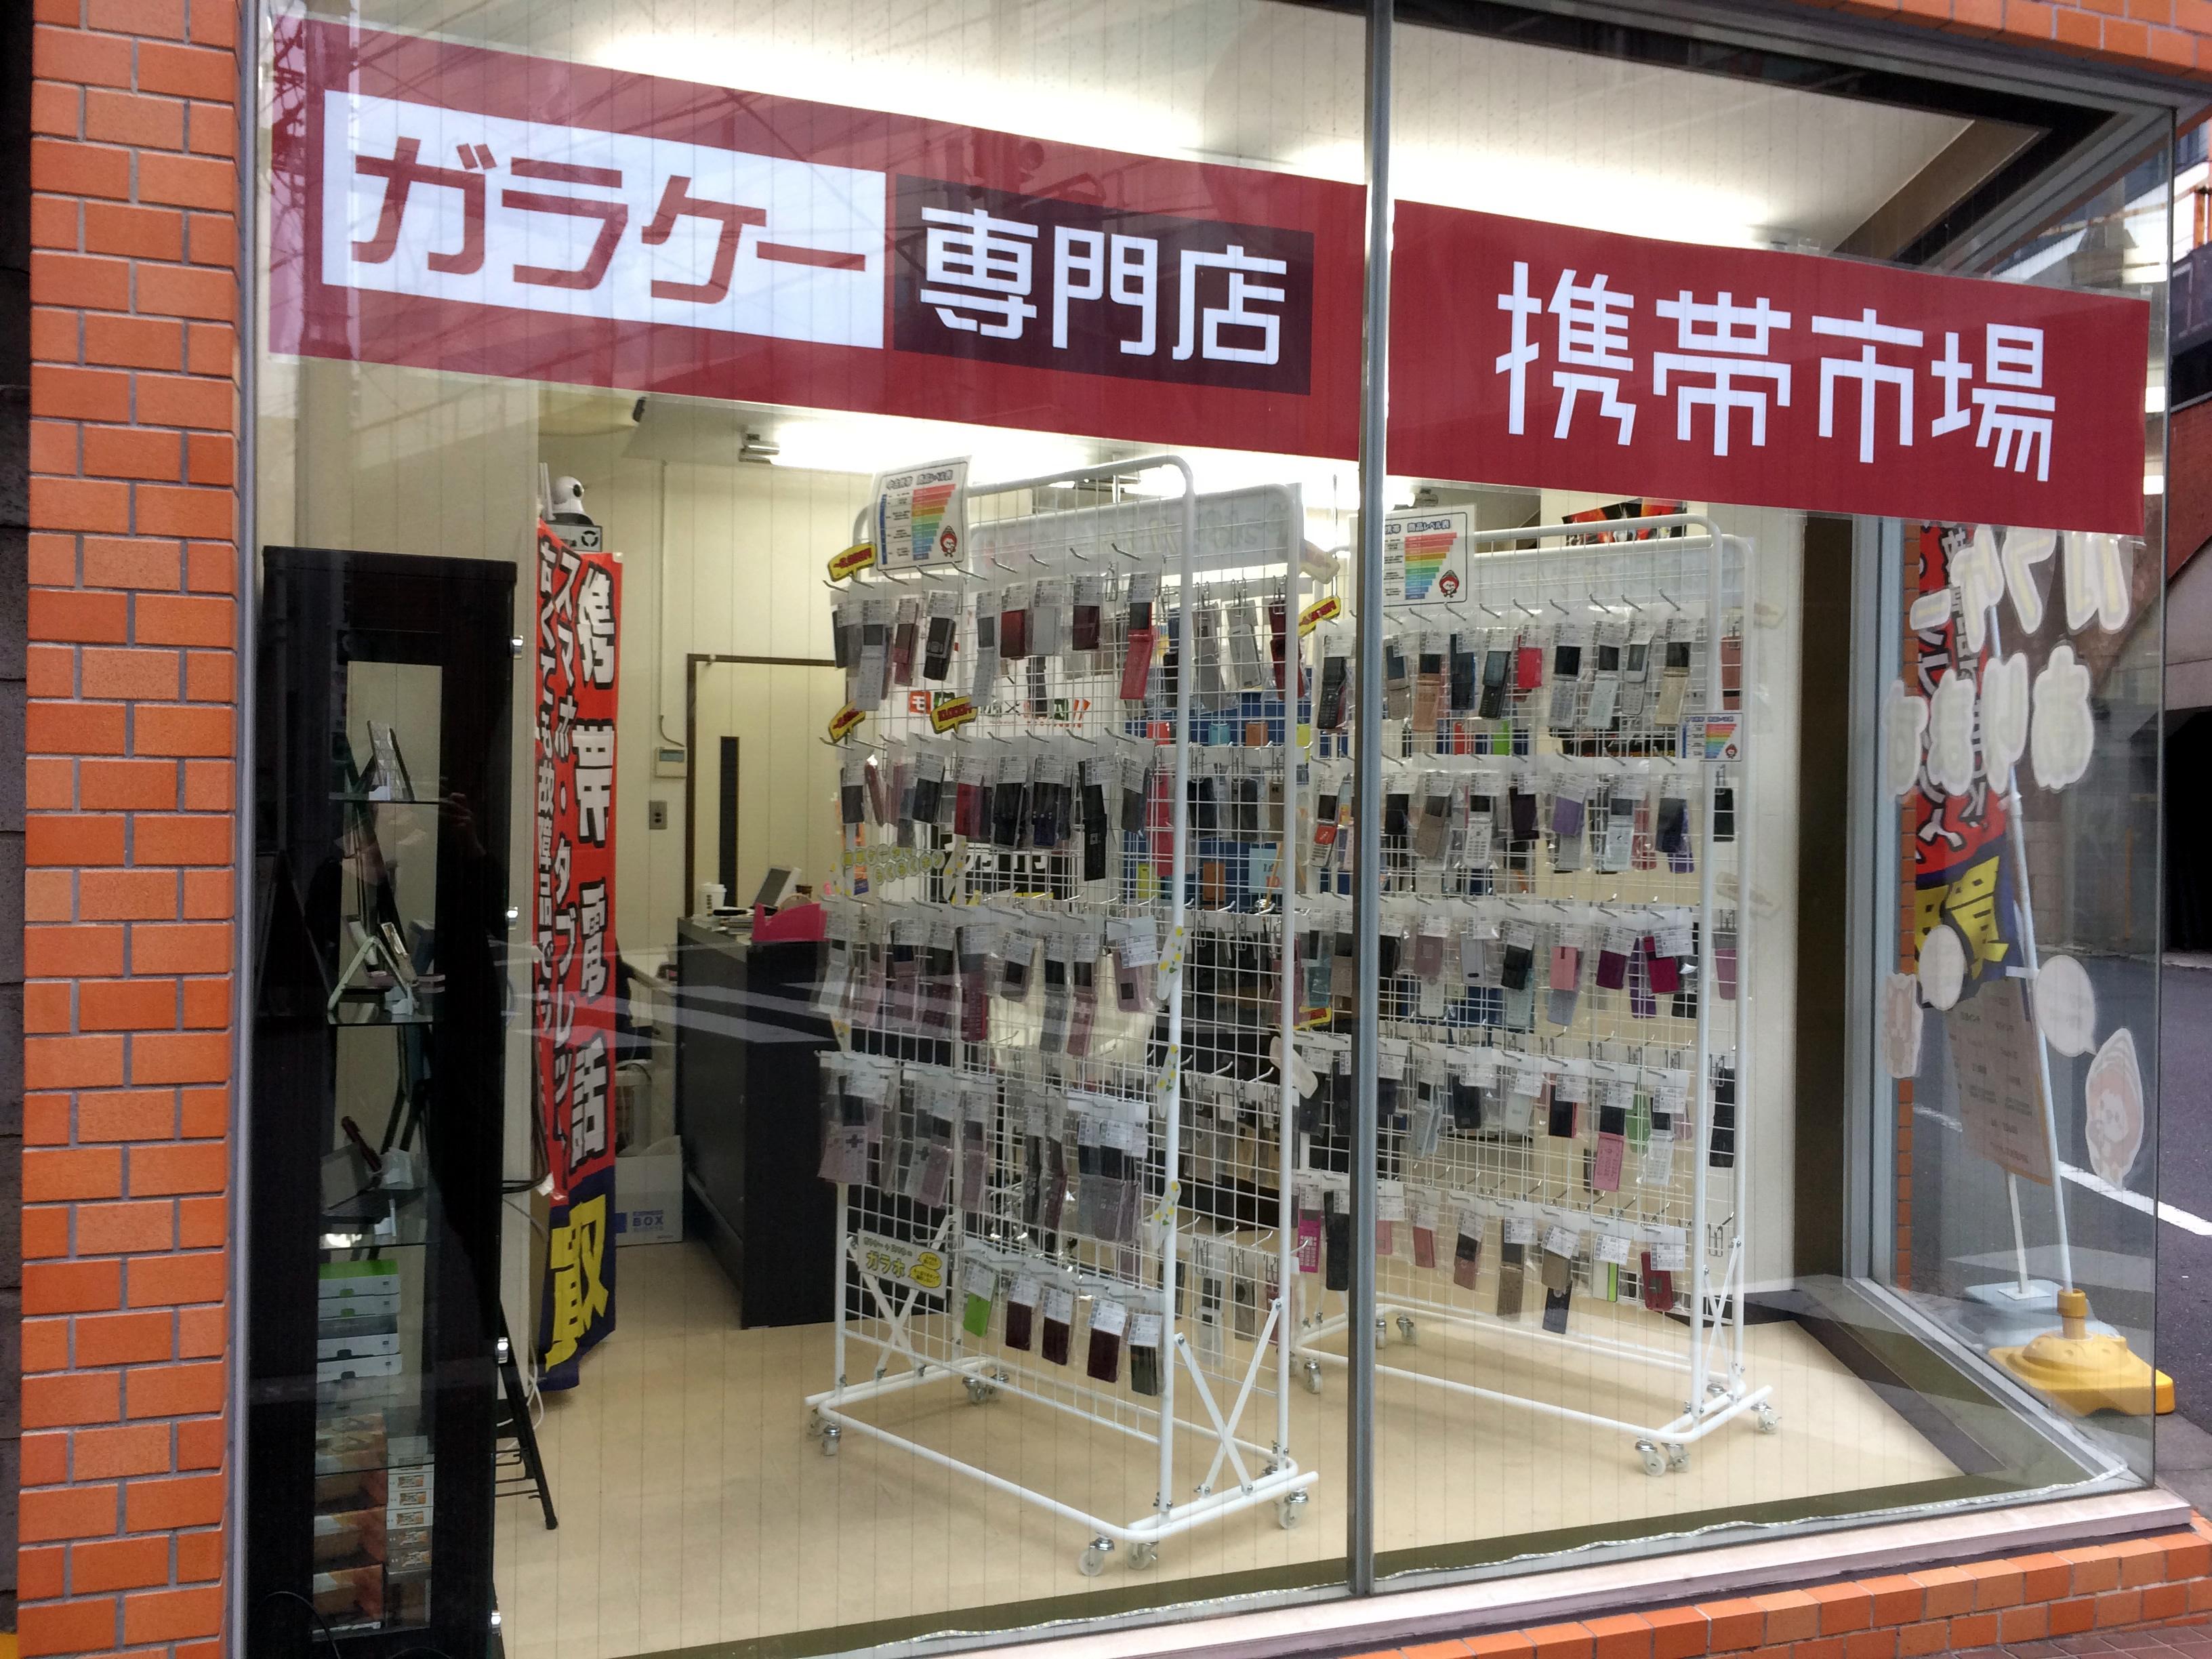 ガラケー専門店 携帯市場